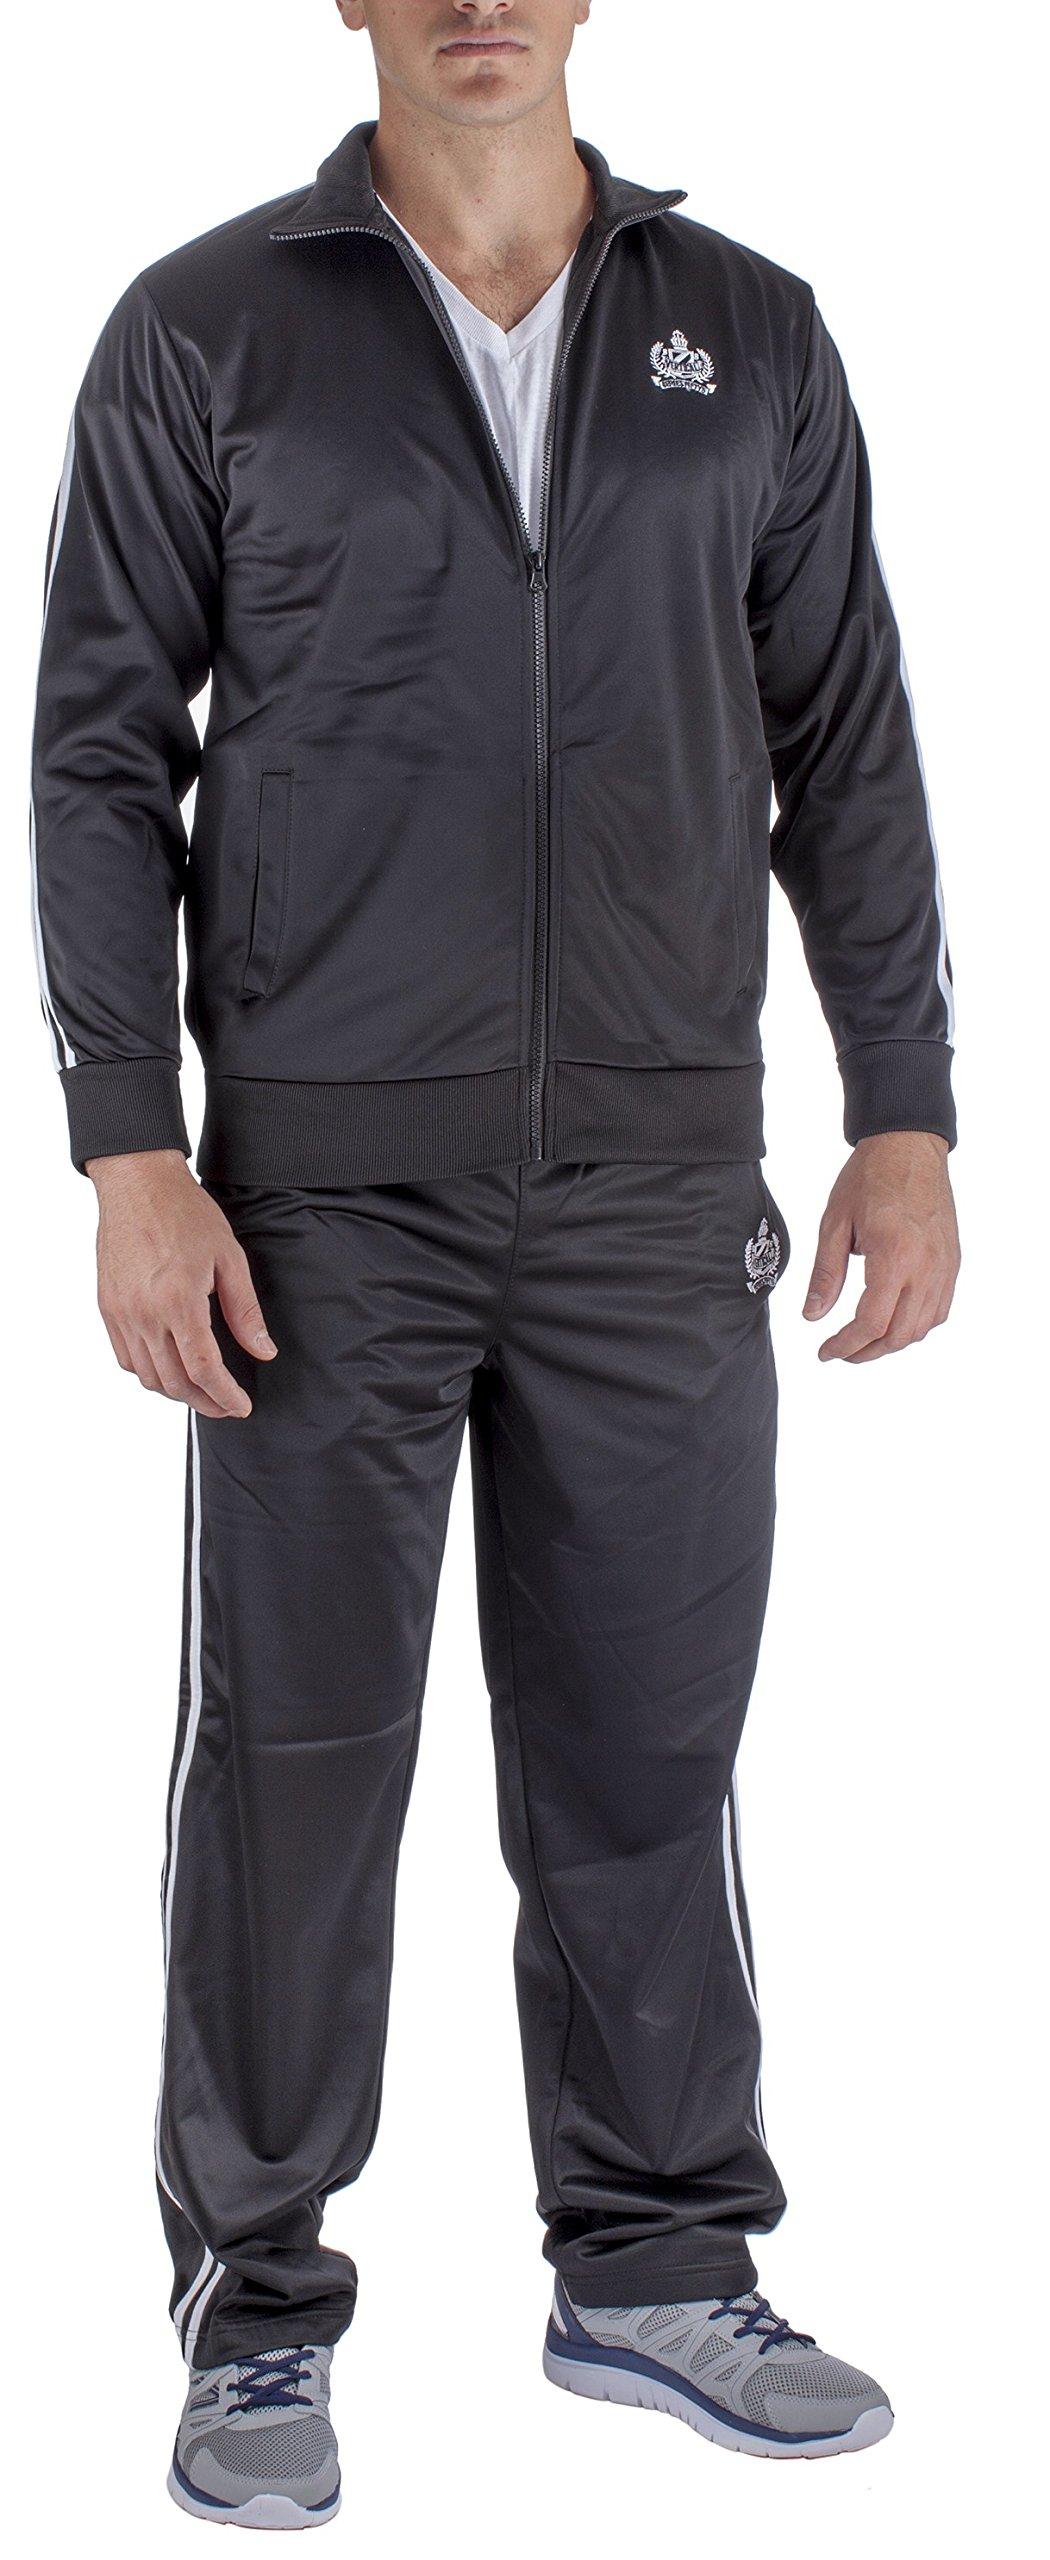 Vertical Sport Men's 2 Piece Jacket Pants Track Suit JS10 (Large, Black)